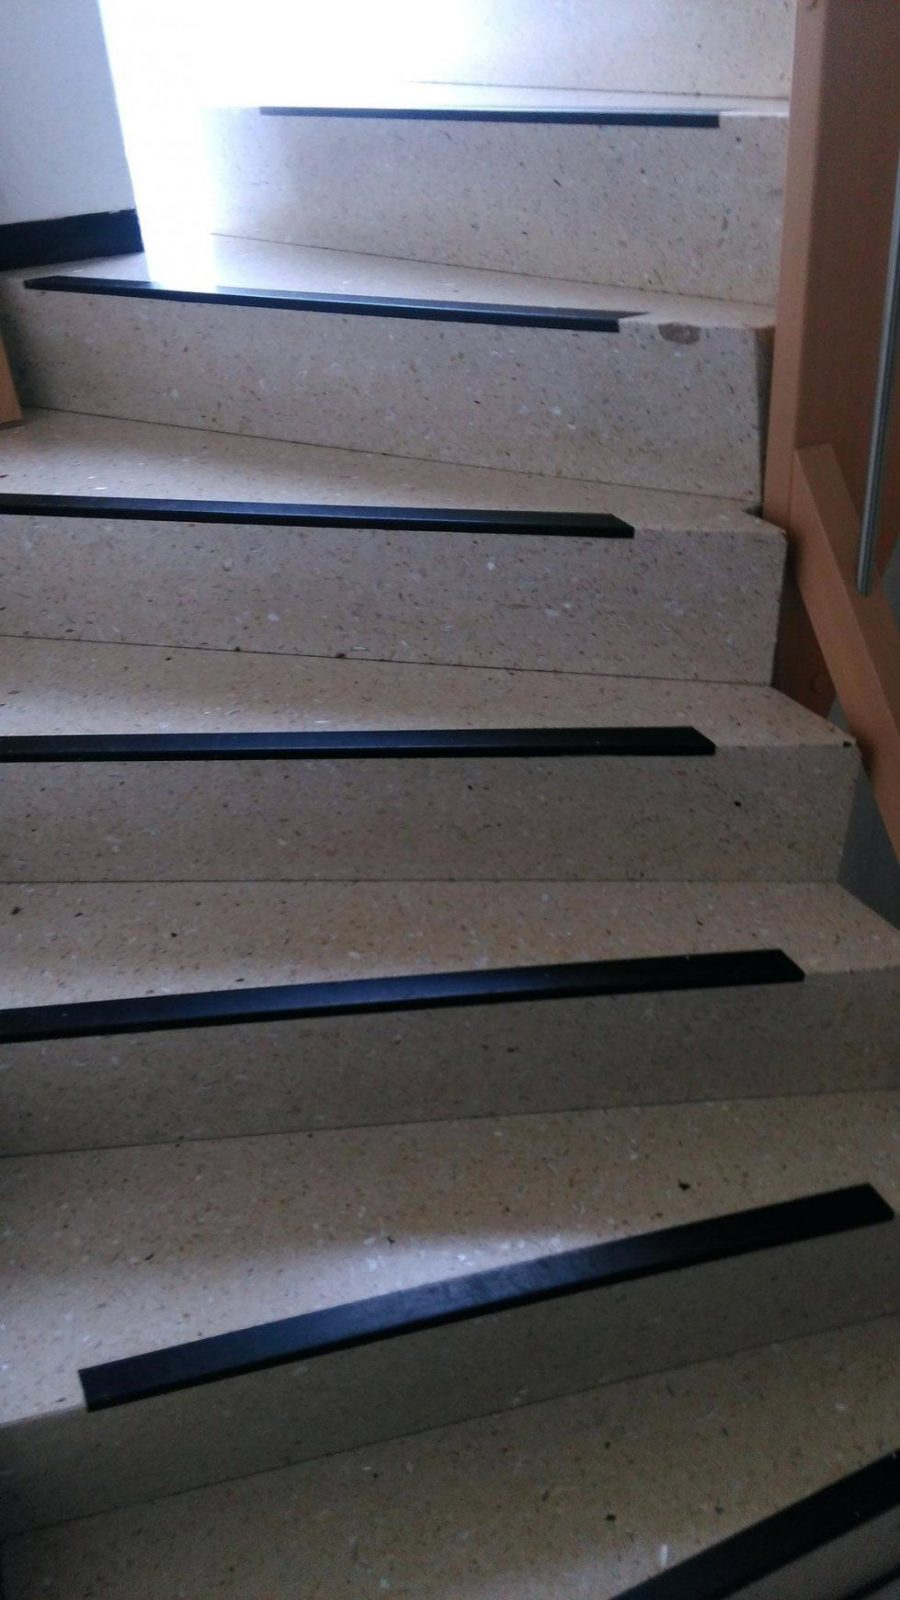 Treppen Rutschfest Machen Sicherheit Sicher Von Stockwerk Zu Granit von Treppe Mit Vinyl Bekleben Bild